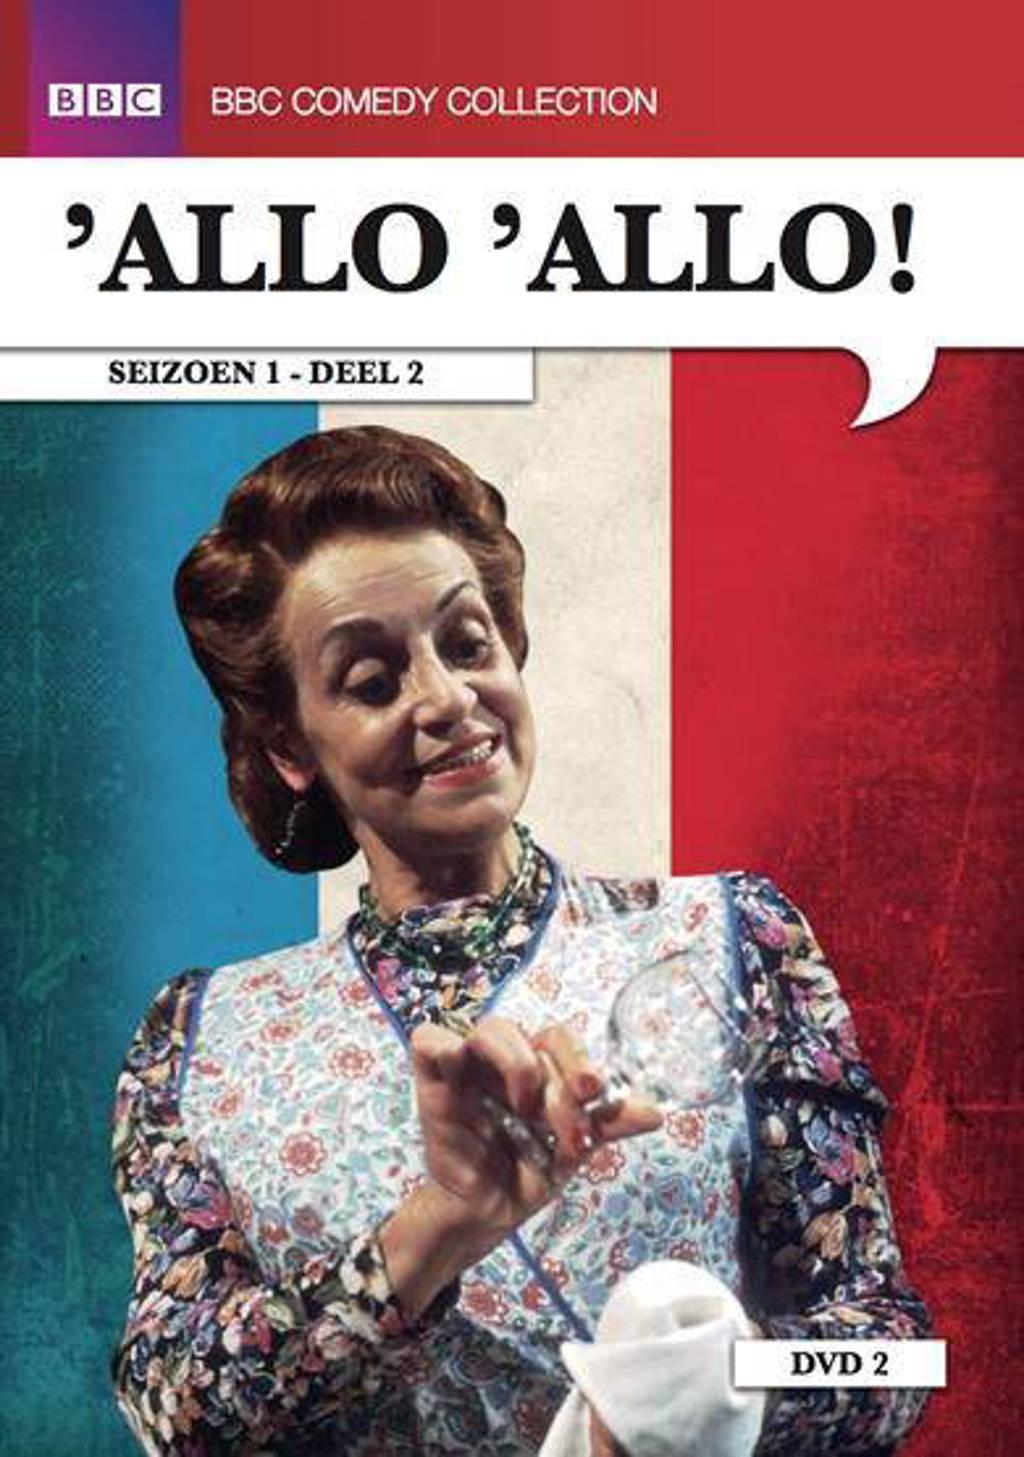 Allo allo - Seizoen 1 deel 2 (DVD)